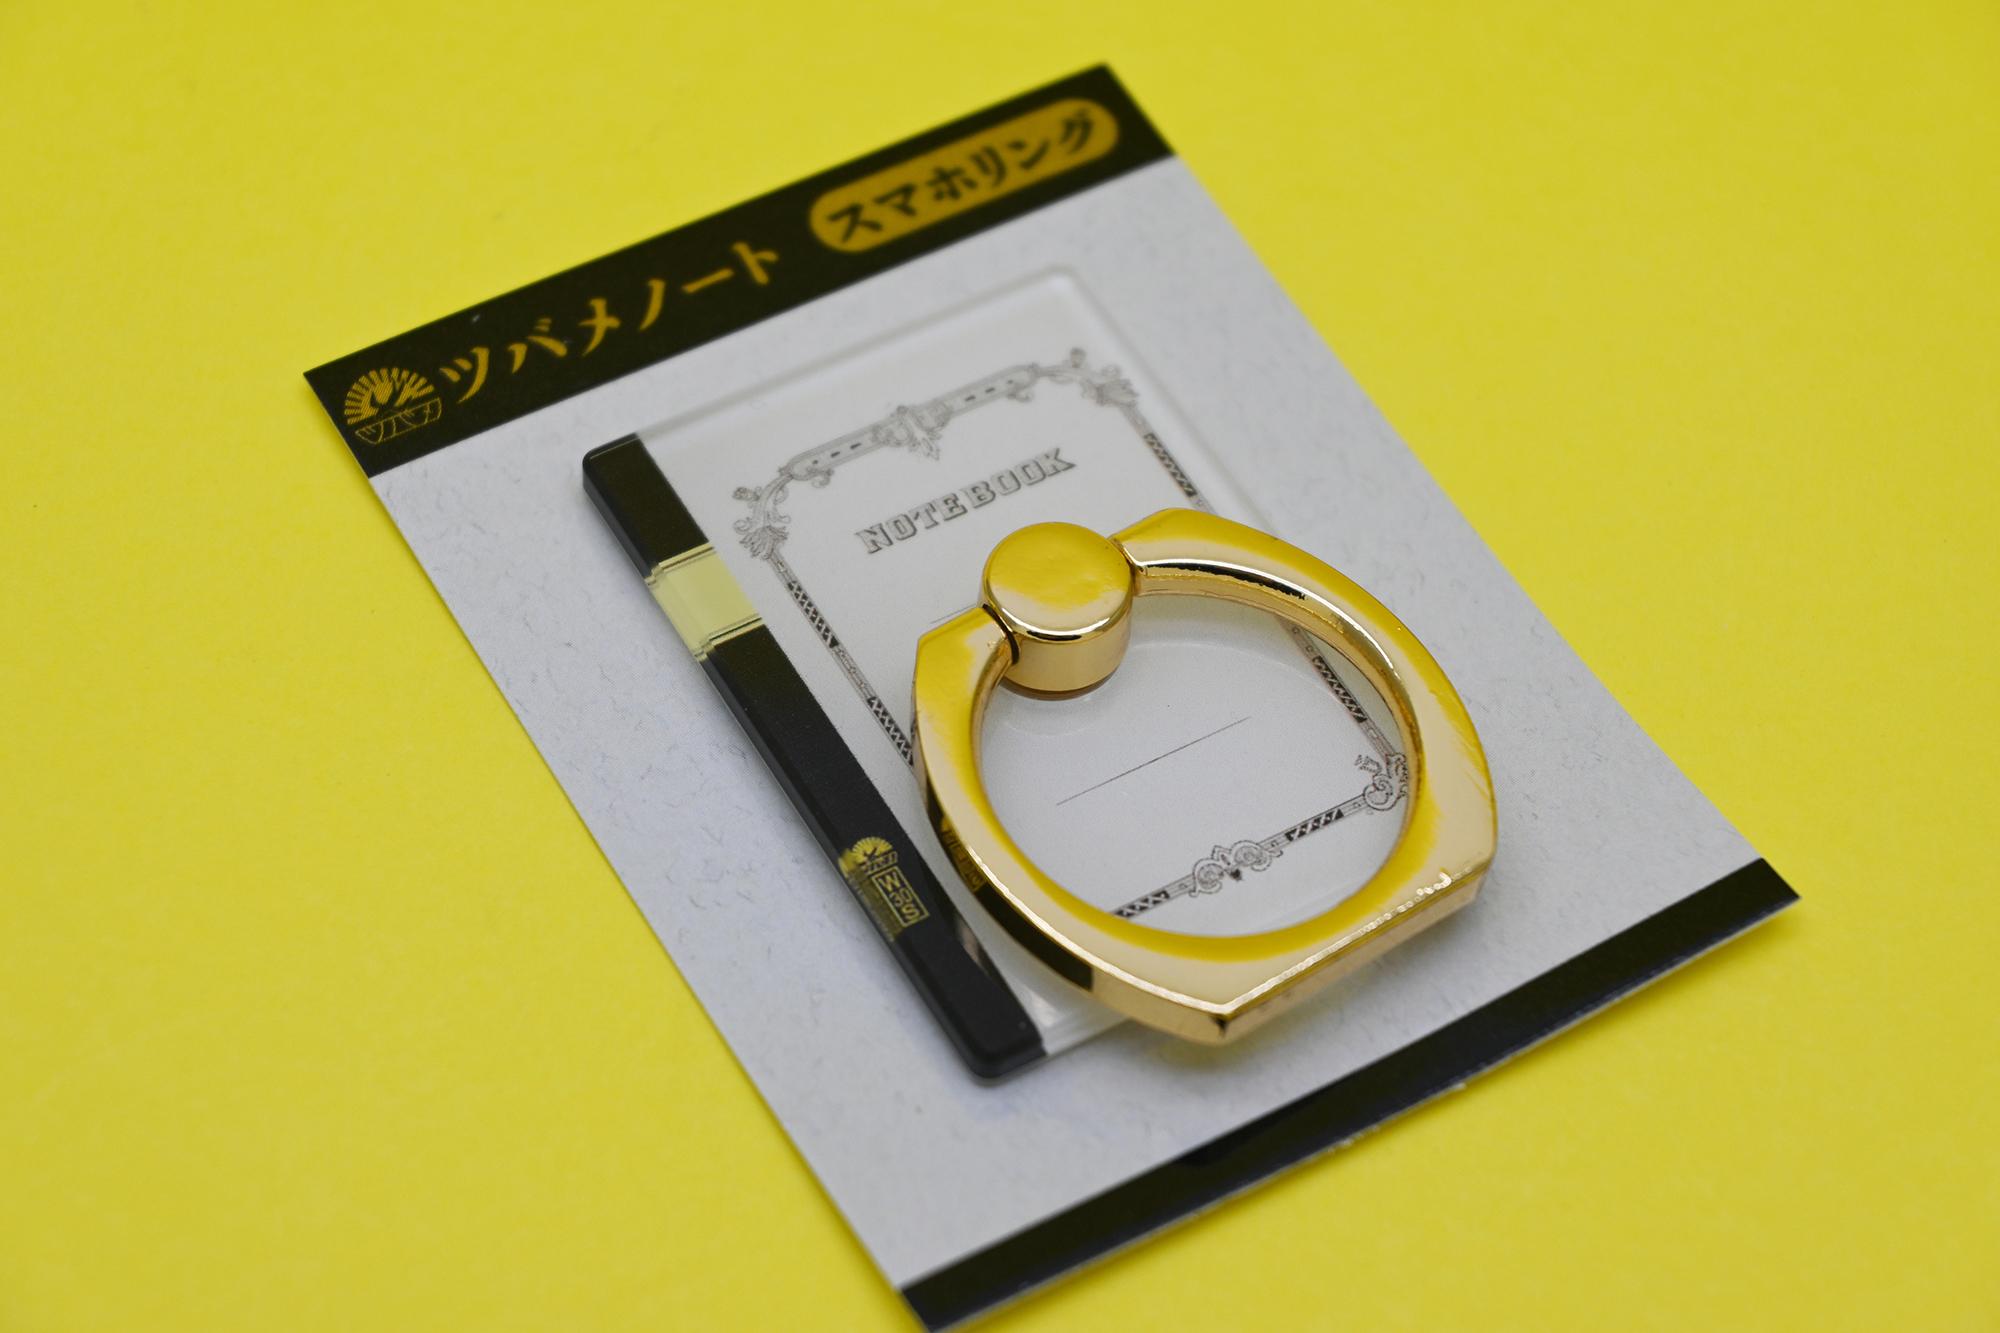 アクリルスマホリング(価格:税抜600円・素材:アクリル、真鍮)